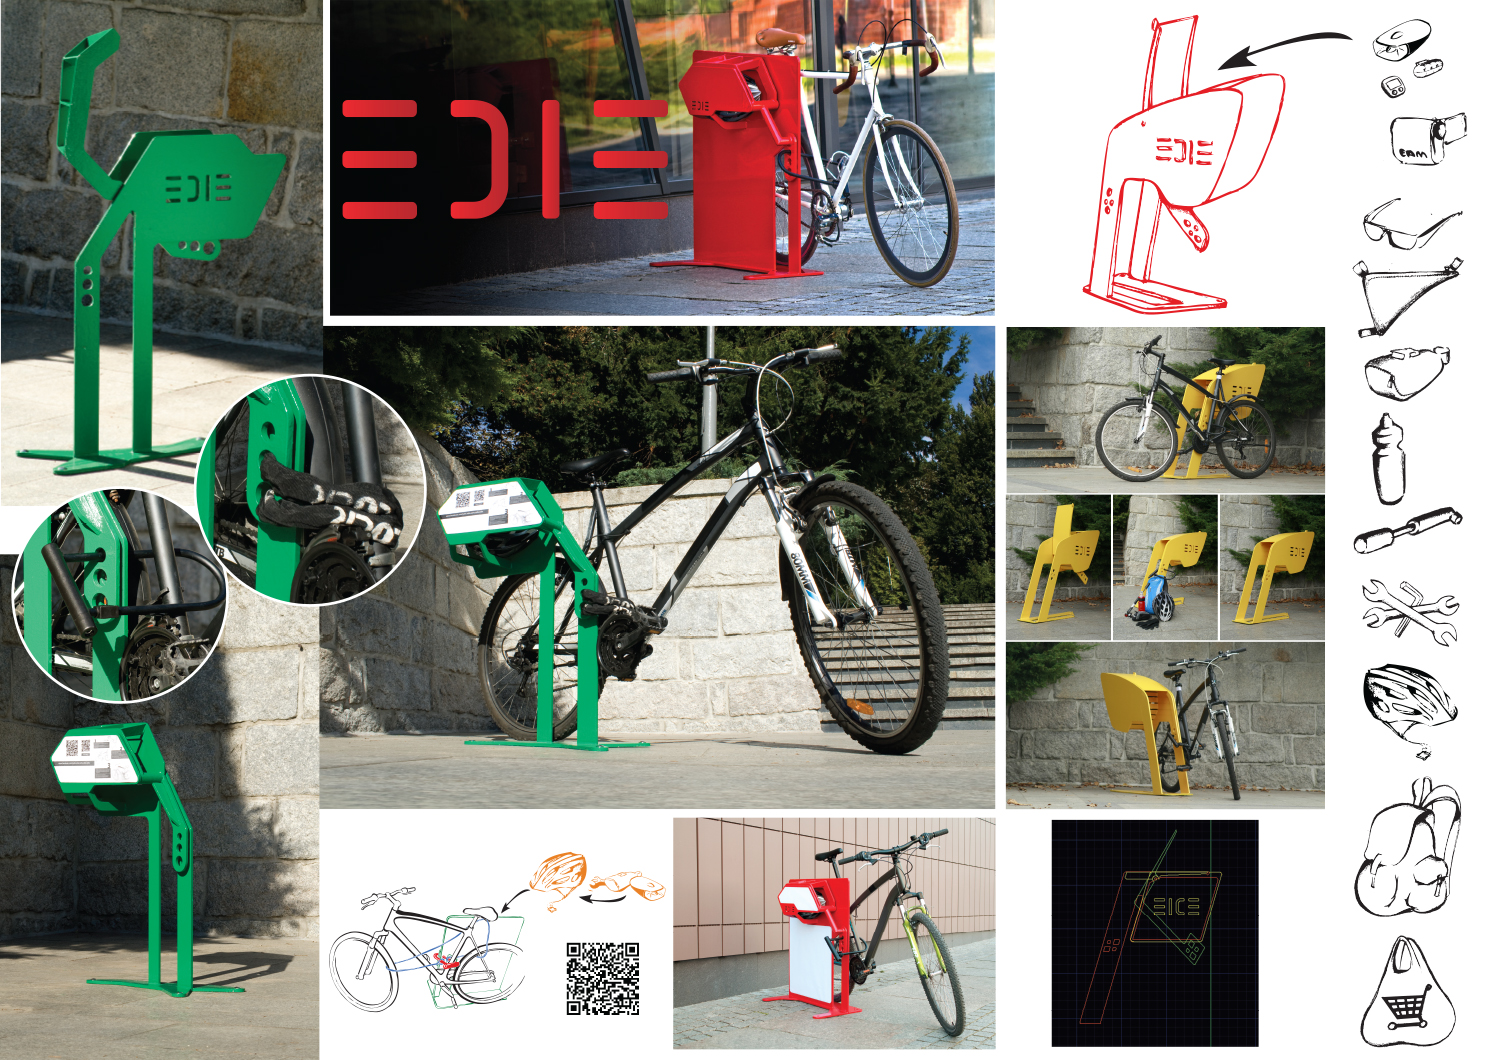 Edie - stojak rowerowy